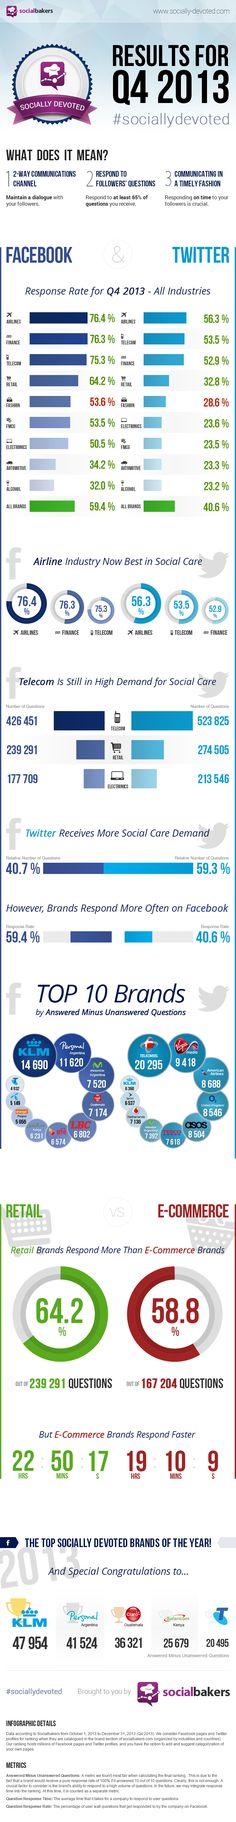 Secteurs les plus performants sur #Facebook et #Twitter en fin 2013 #brands #socialmedia